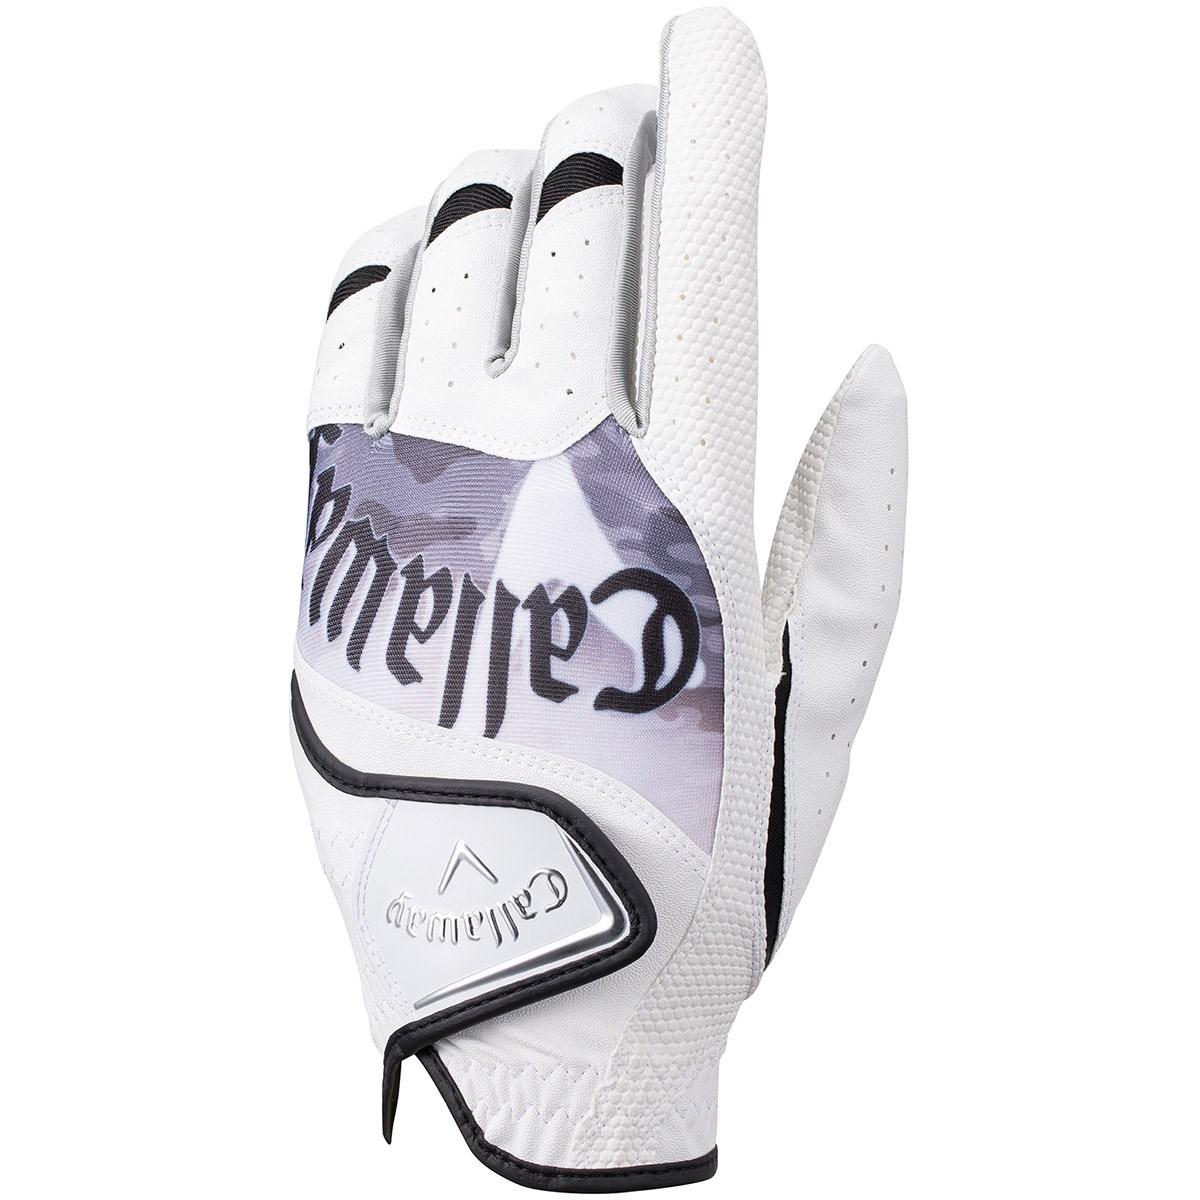 キャロウェイゴルフ Callaway Golf グラフィック グローブ 26cm 左手着用(右利き用) ホワイト/ブラック